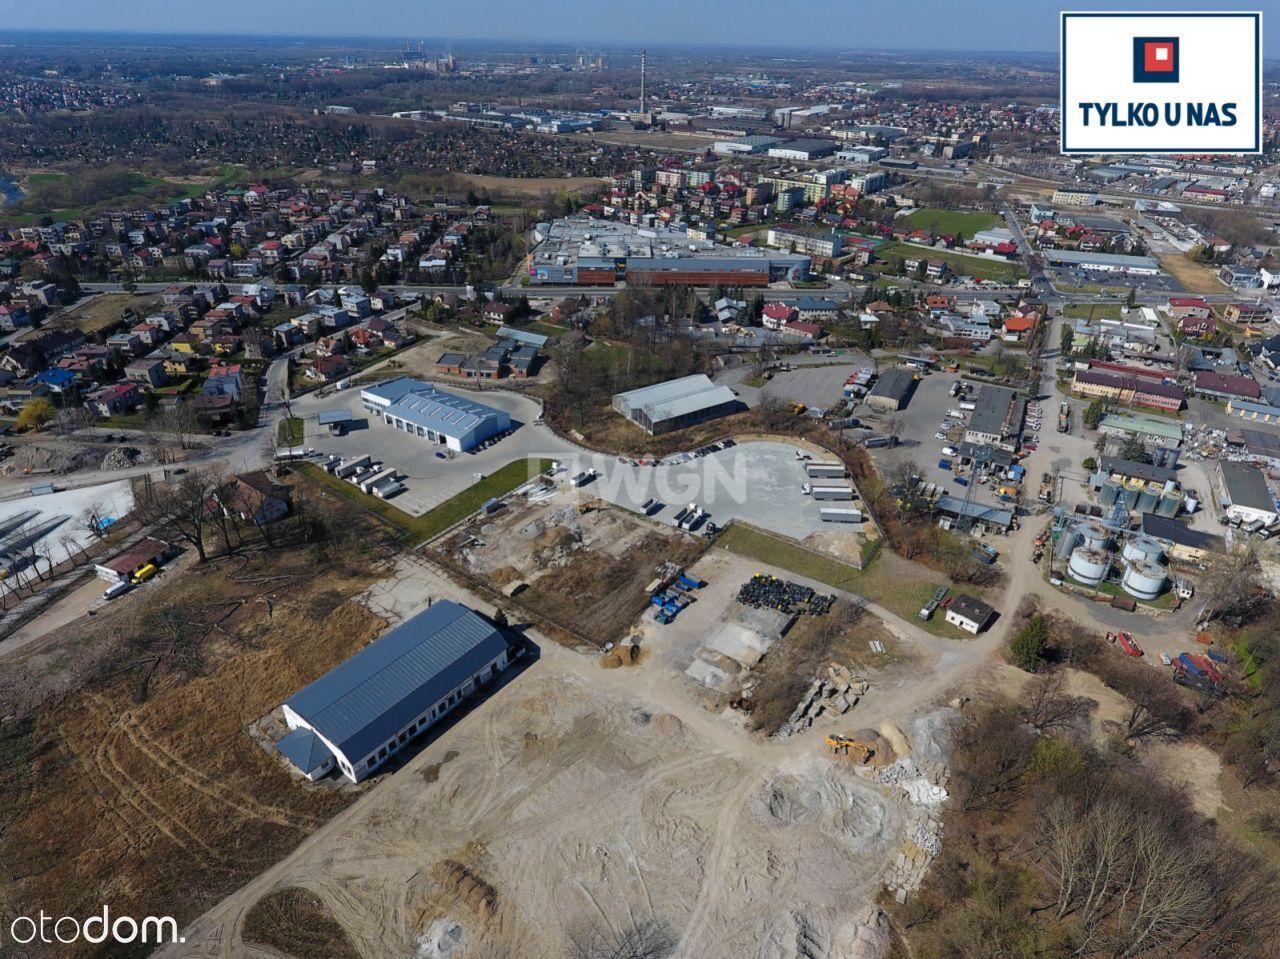 Lokal użytkowy, 2 987 m², Tarnów